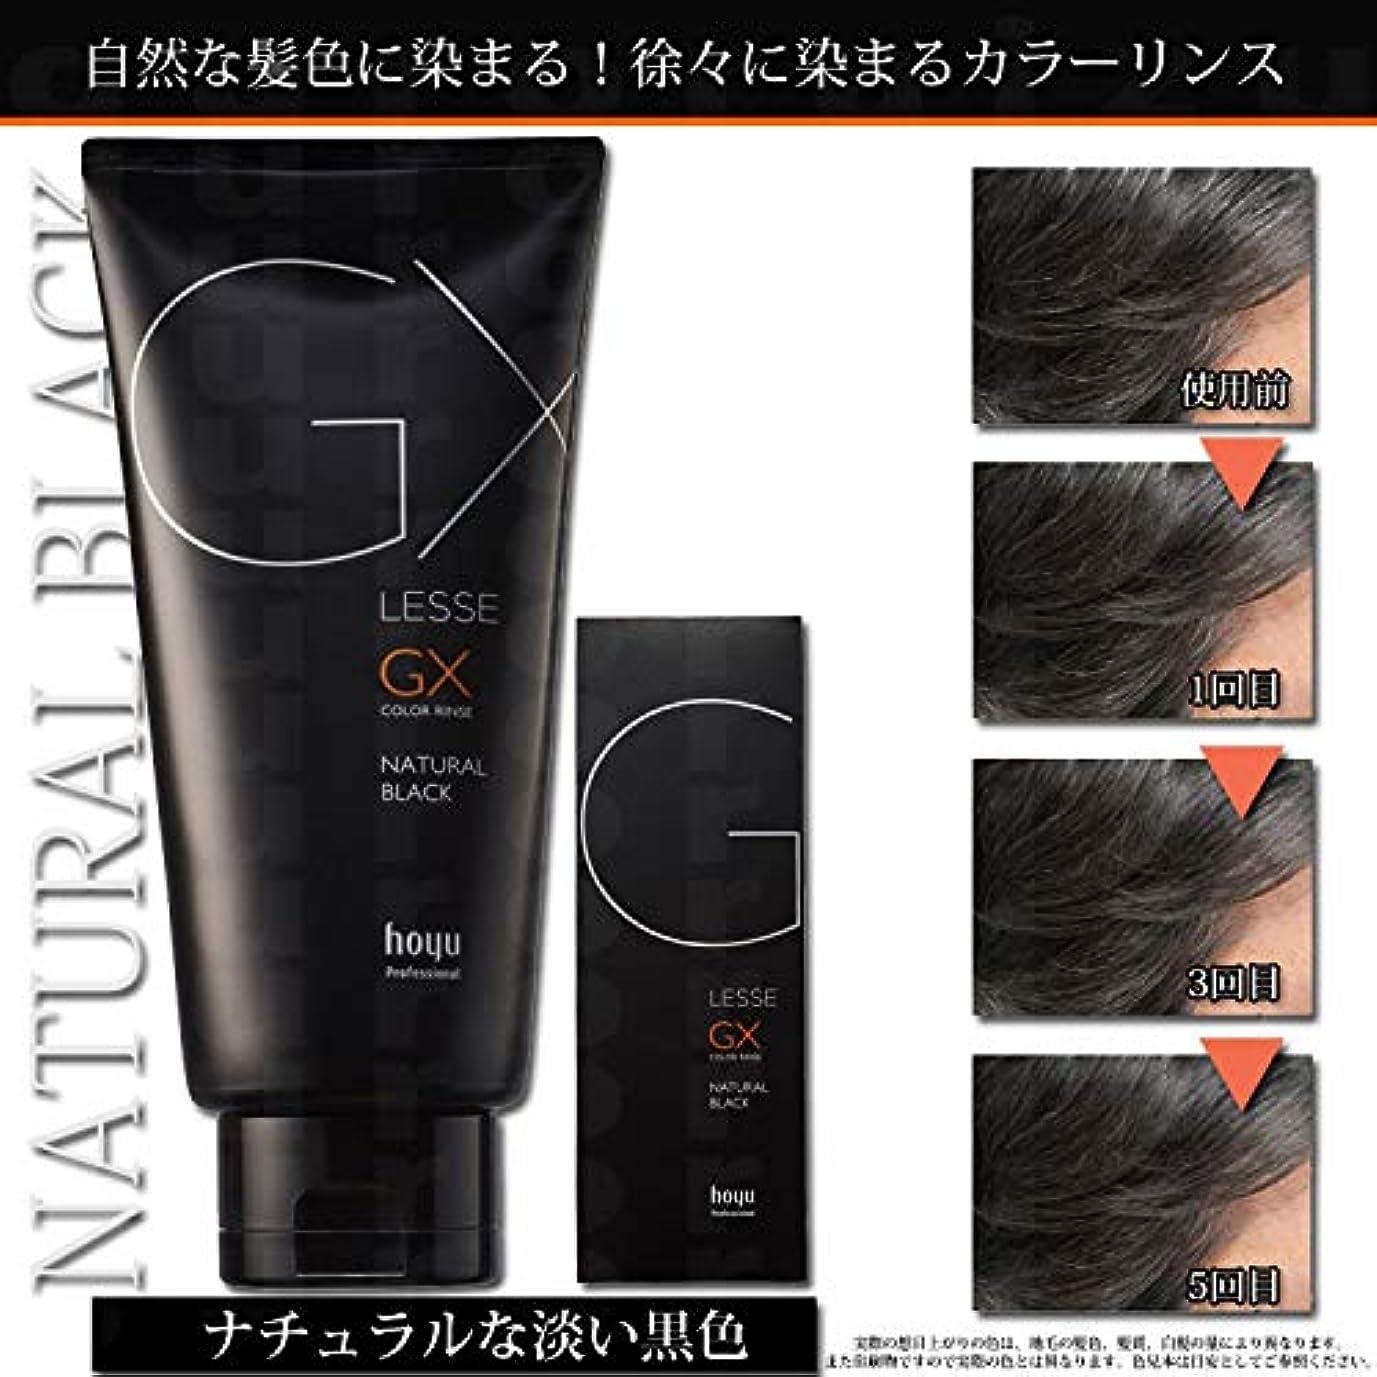 運命積極的に自動化ホーユー レセ GX カラーリンス メンズ 白髪染め ナチュラルブラック 160